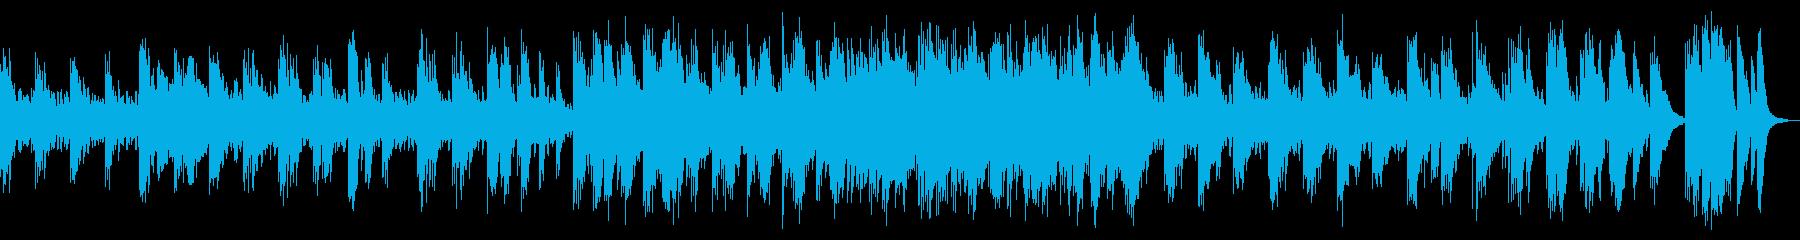 和楽器中心の、スローテンポな曲の再生済みの波形